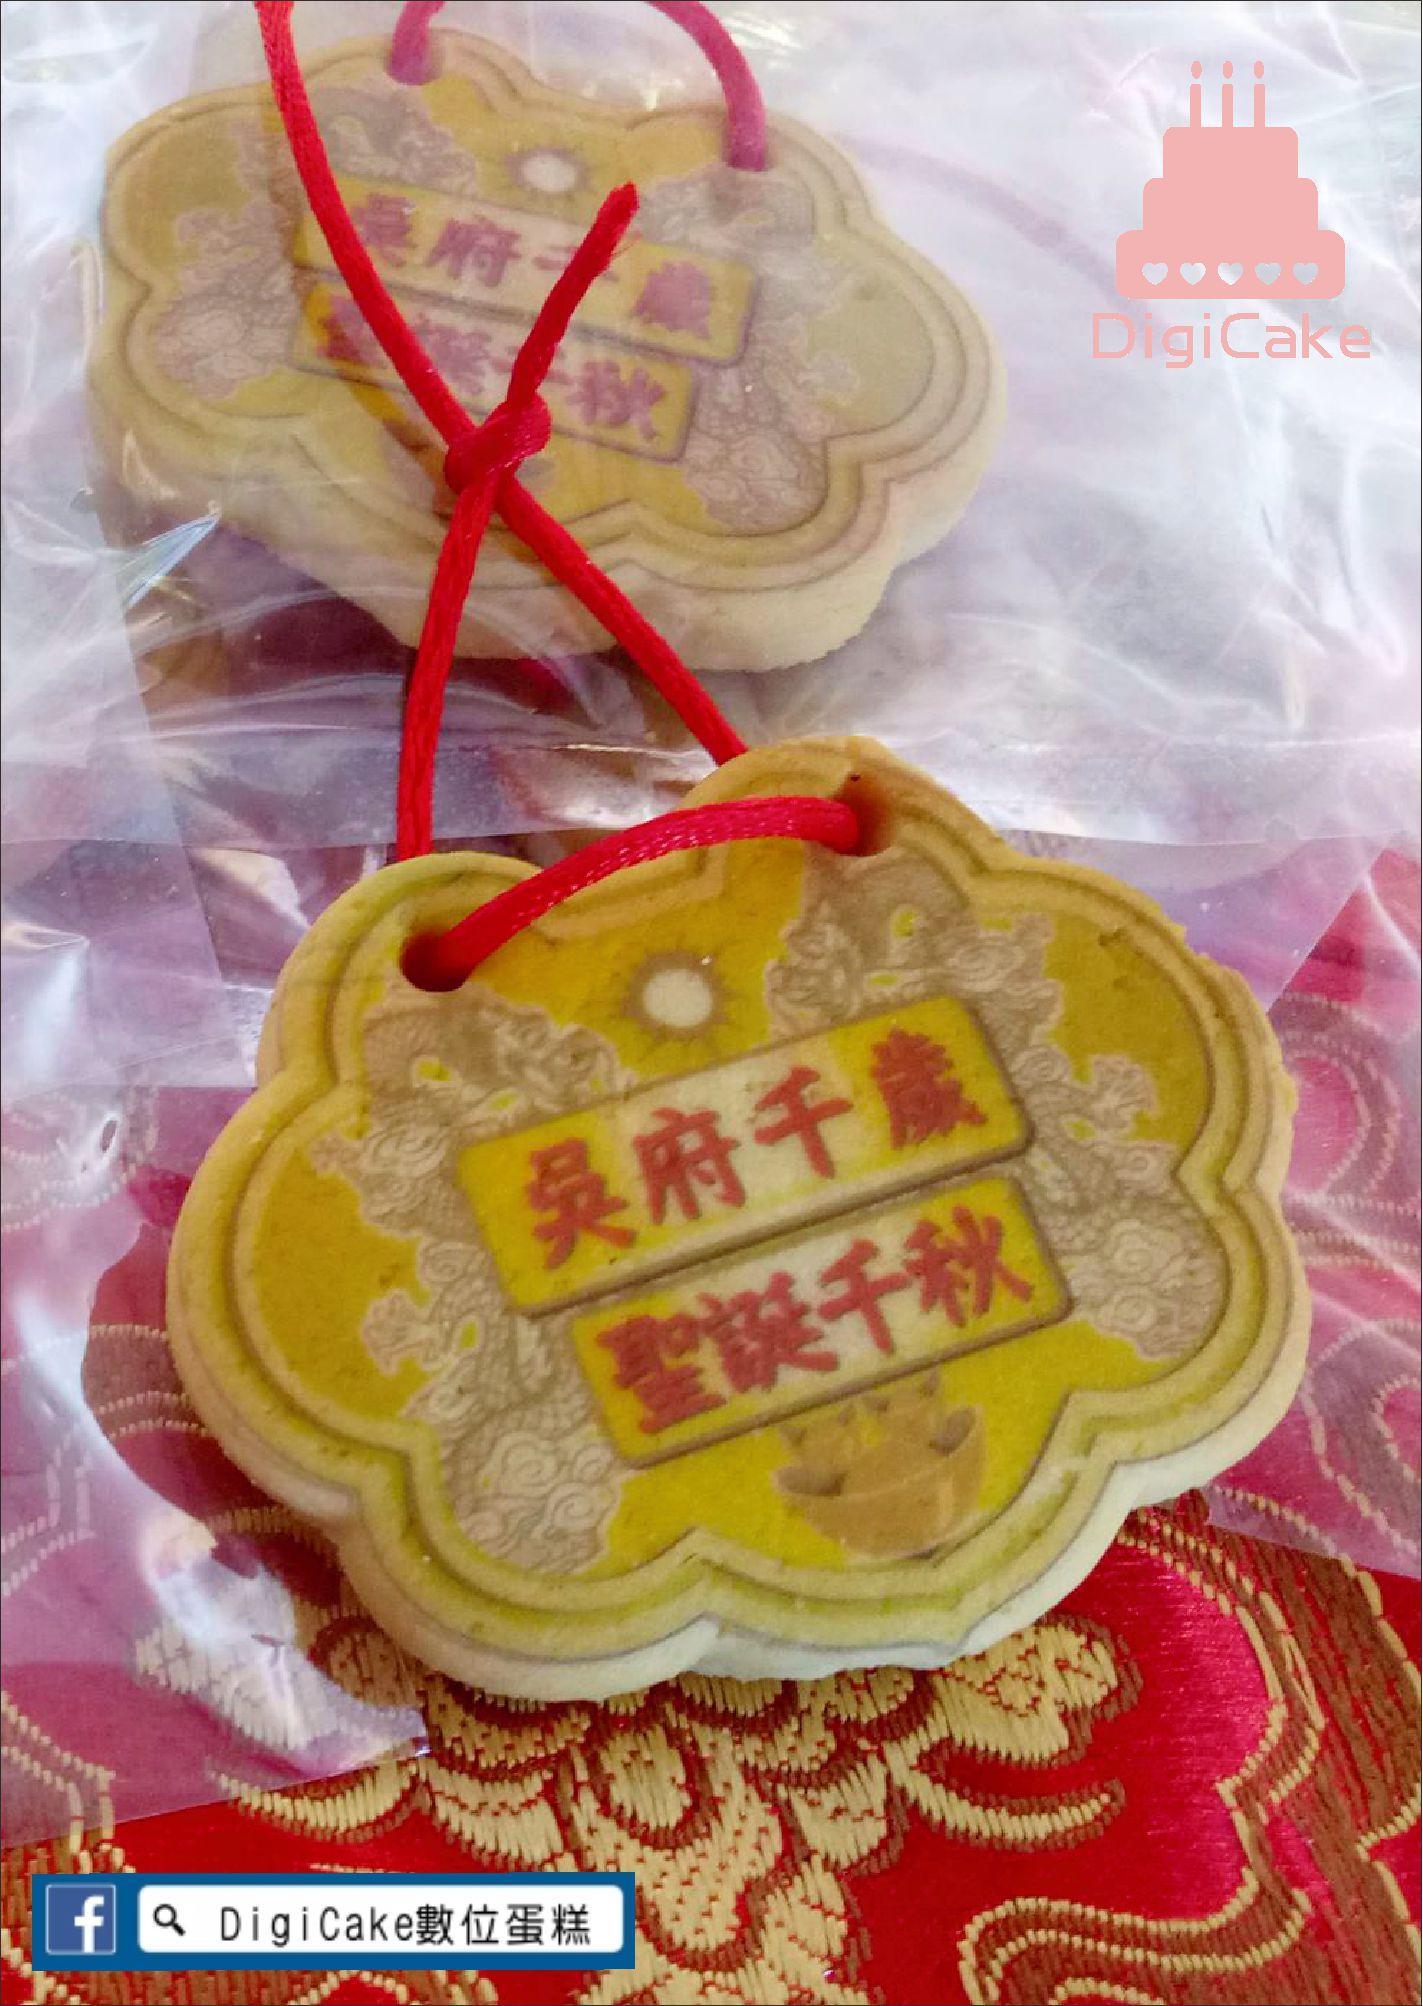 點此進入吳府千歲小金牌餅的詳細資料!